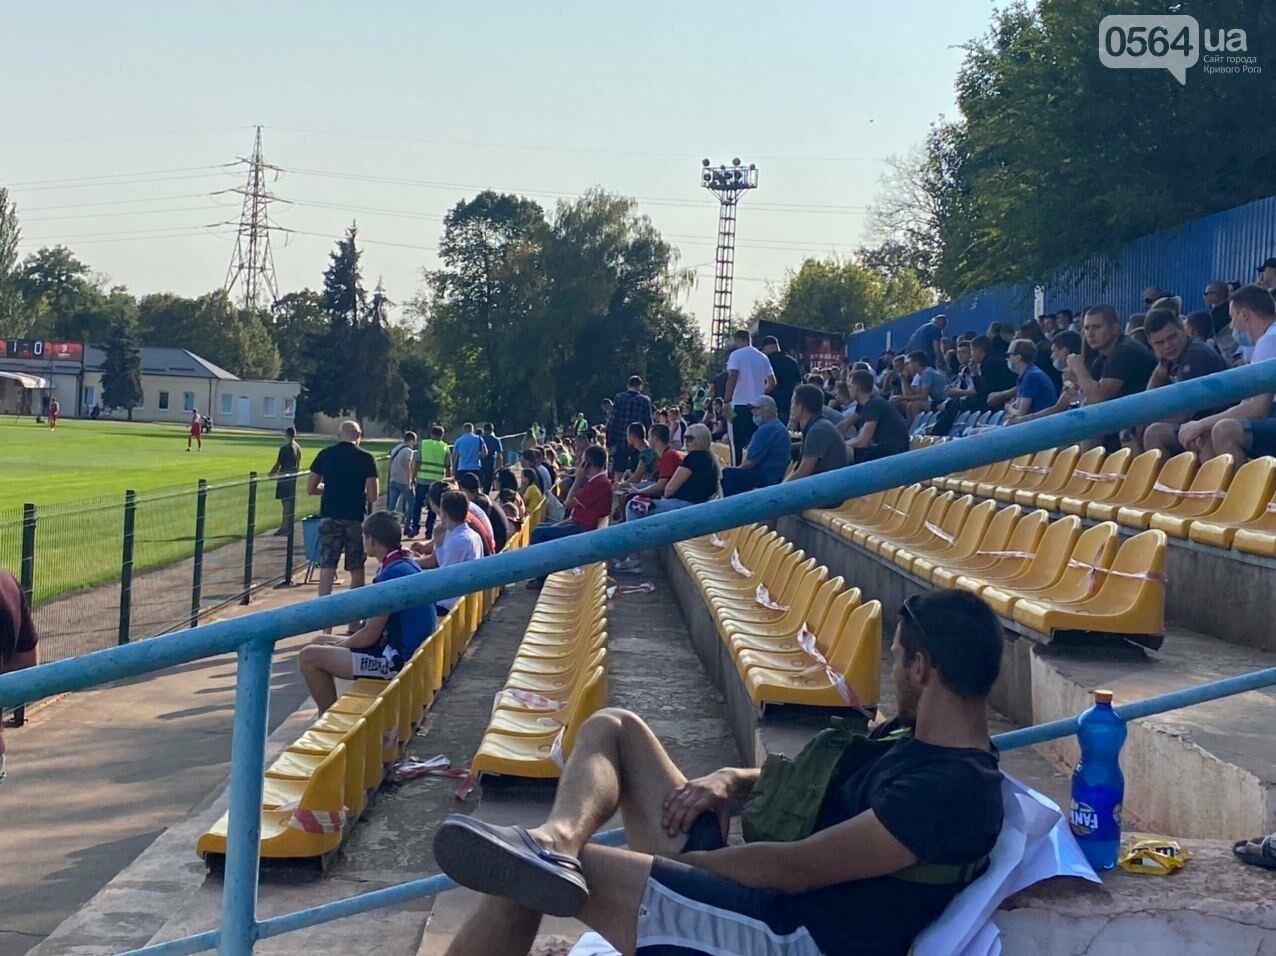 В Кривом Роге начался матч между ФК «Кривбасс» и ФК «Таврия»,  - ФОТО, ВИДЕО, фото-11